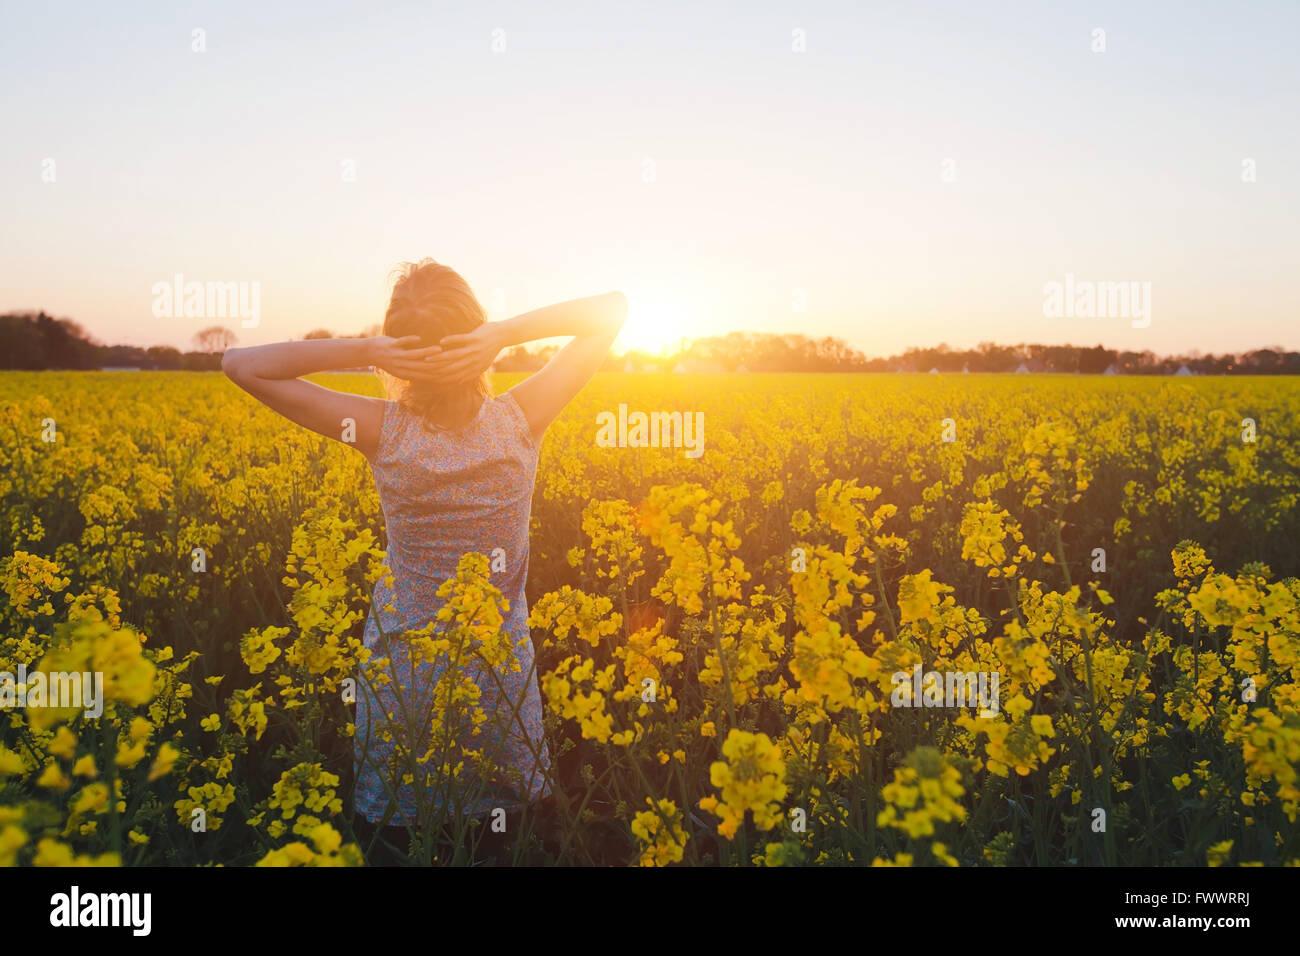 Jeune femme profitant de l'été et la nature dans le champ de fleurs jaunes au coucher du soleil, l'harmonie Photo Stock